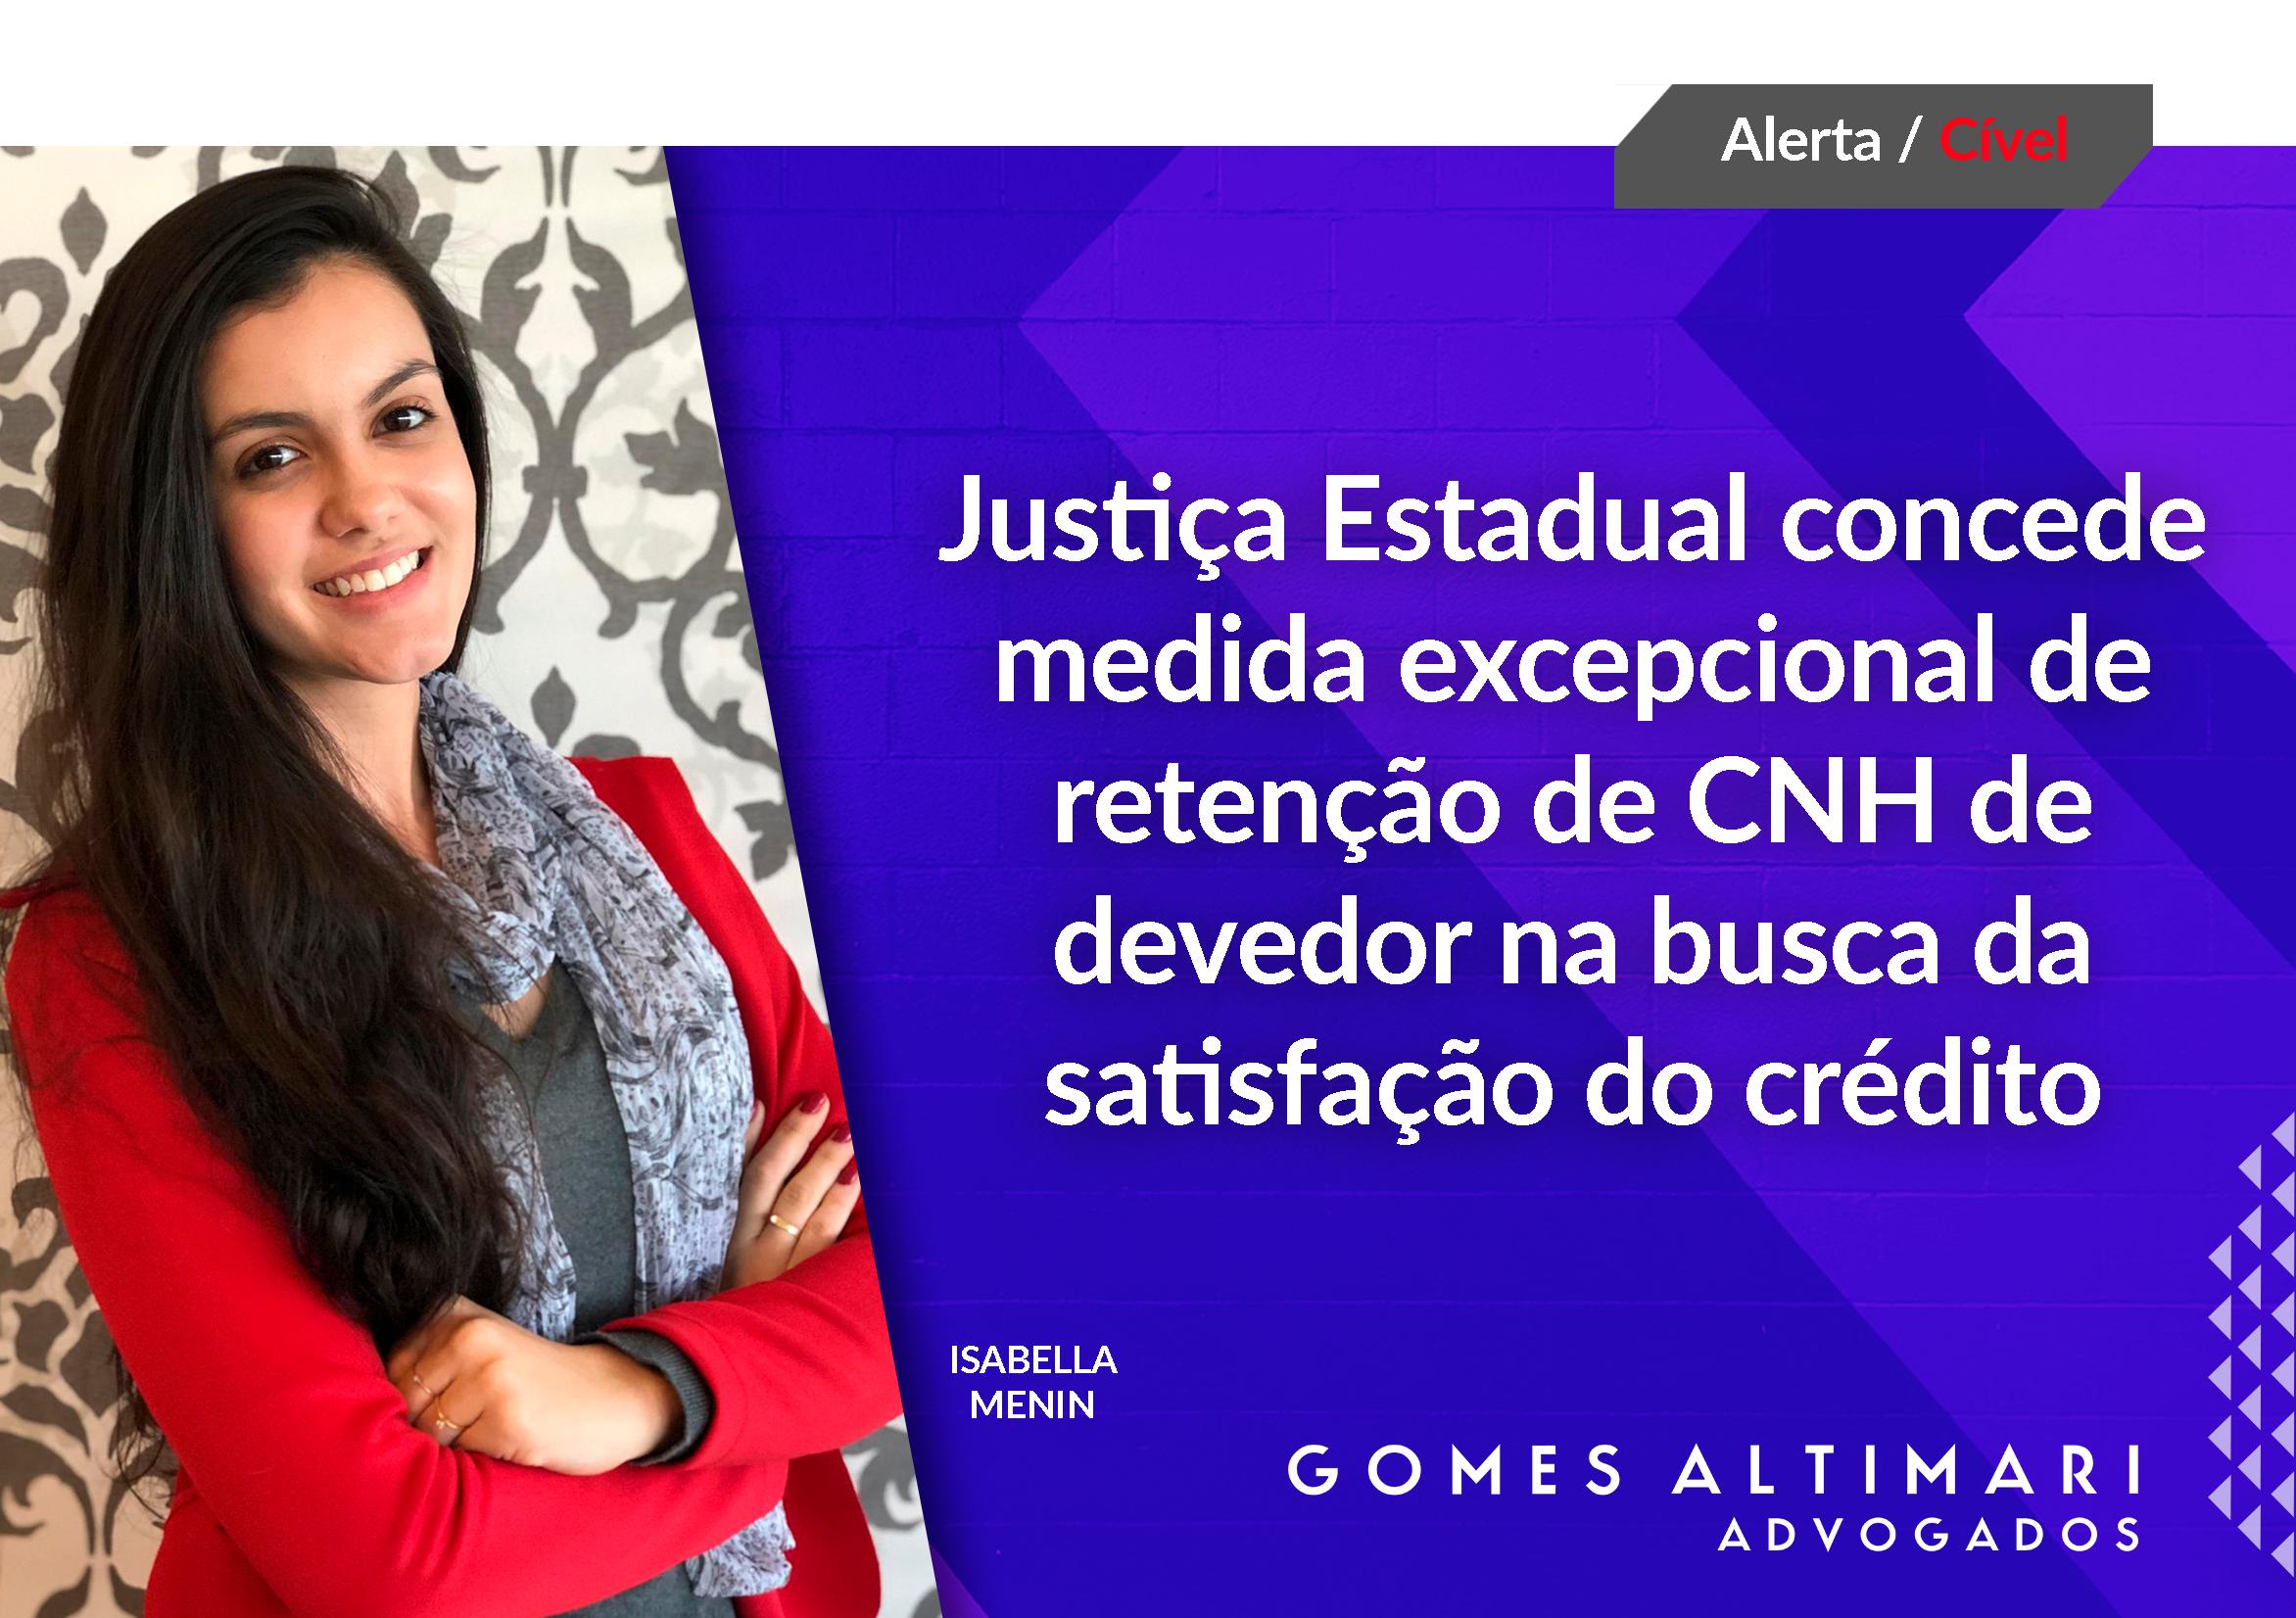 Justiça Estadual concede medida excepcional de retenção de CNH de devedor na busca da satisfação do crédito